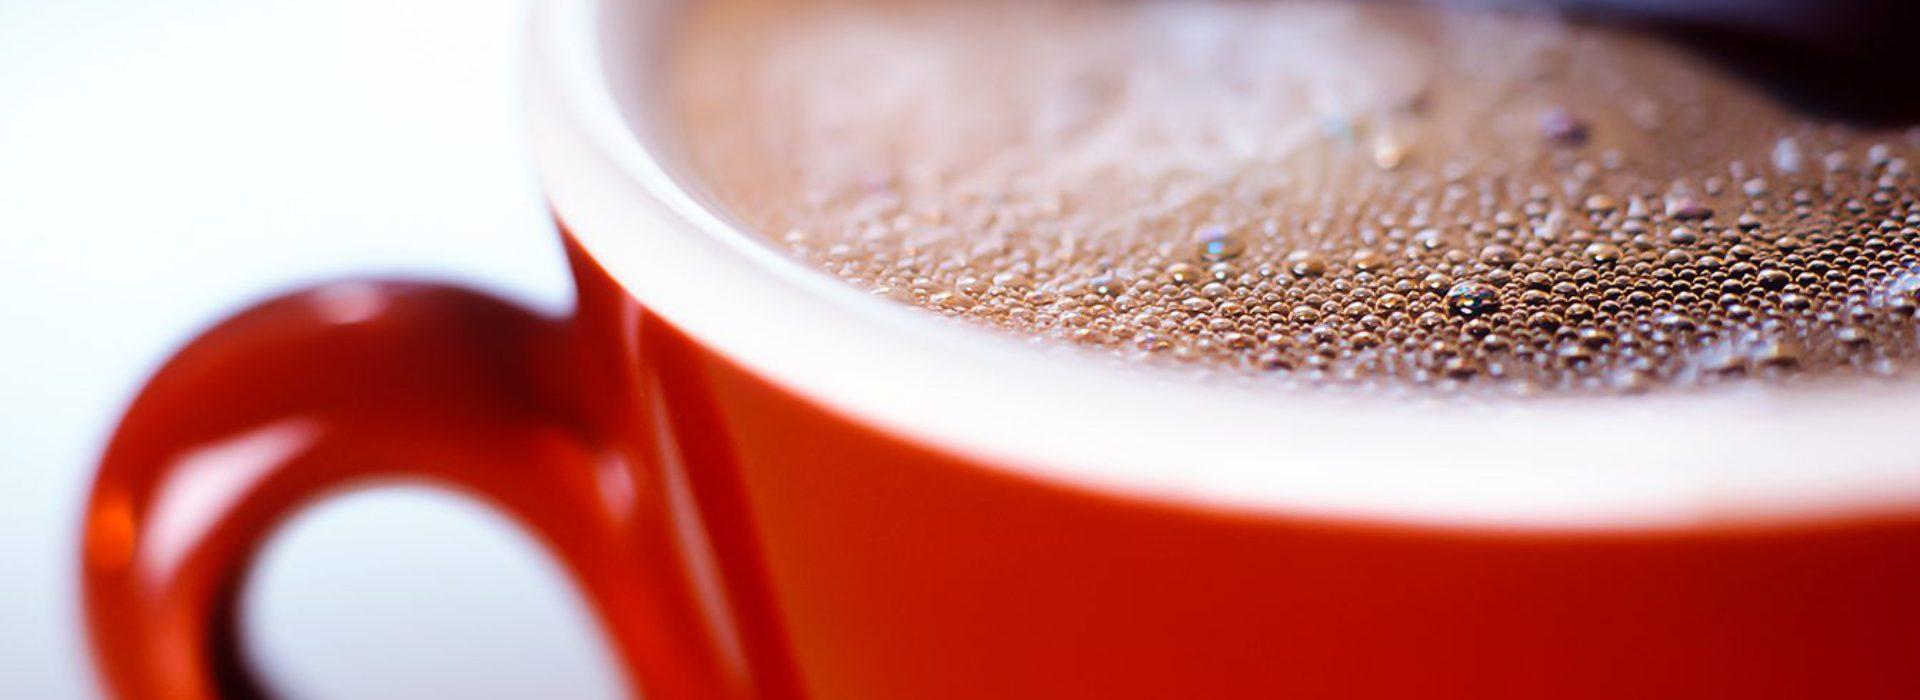 Röd kaffekopp